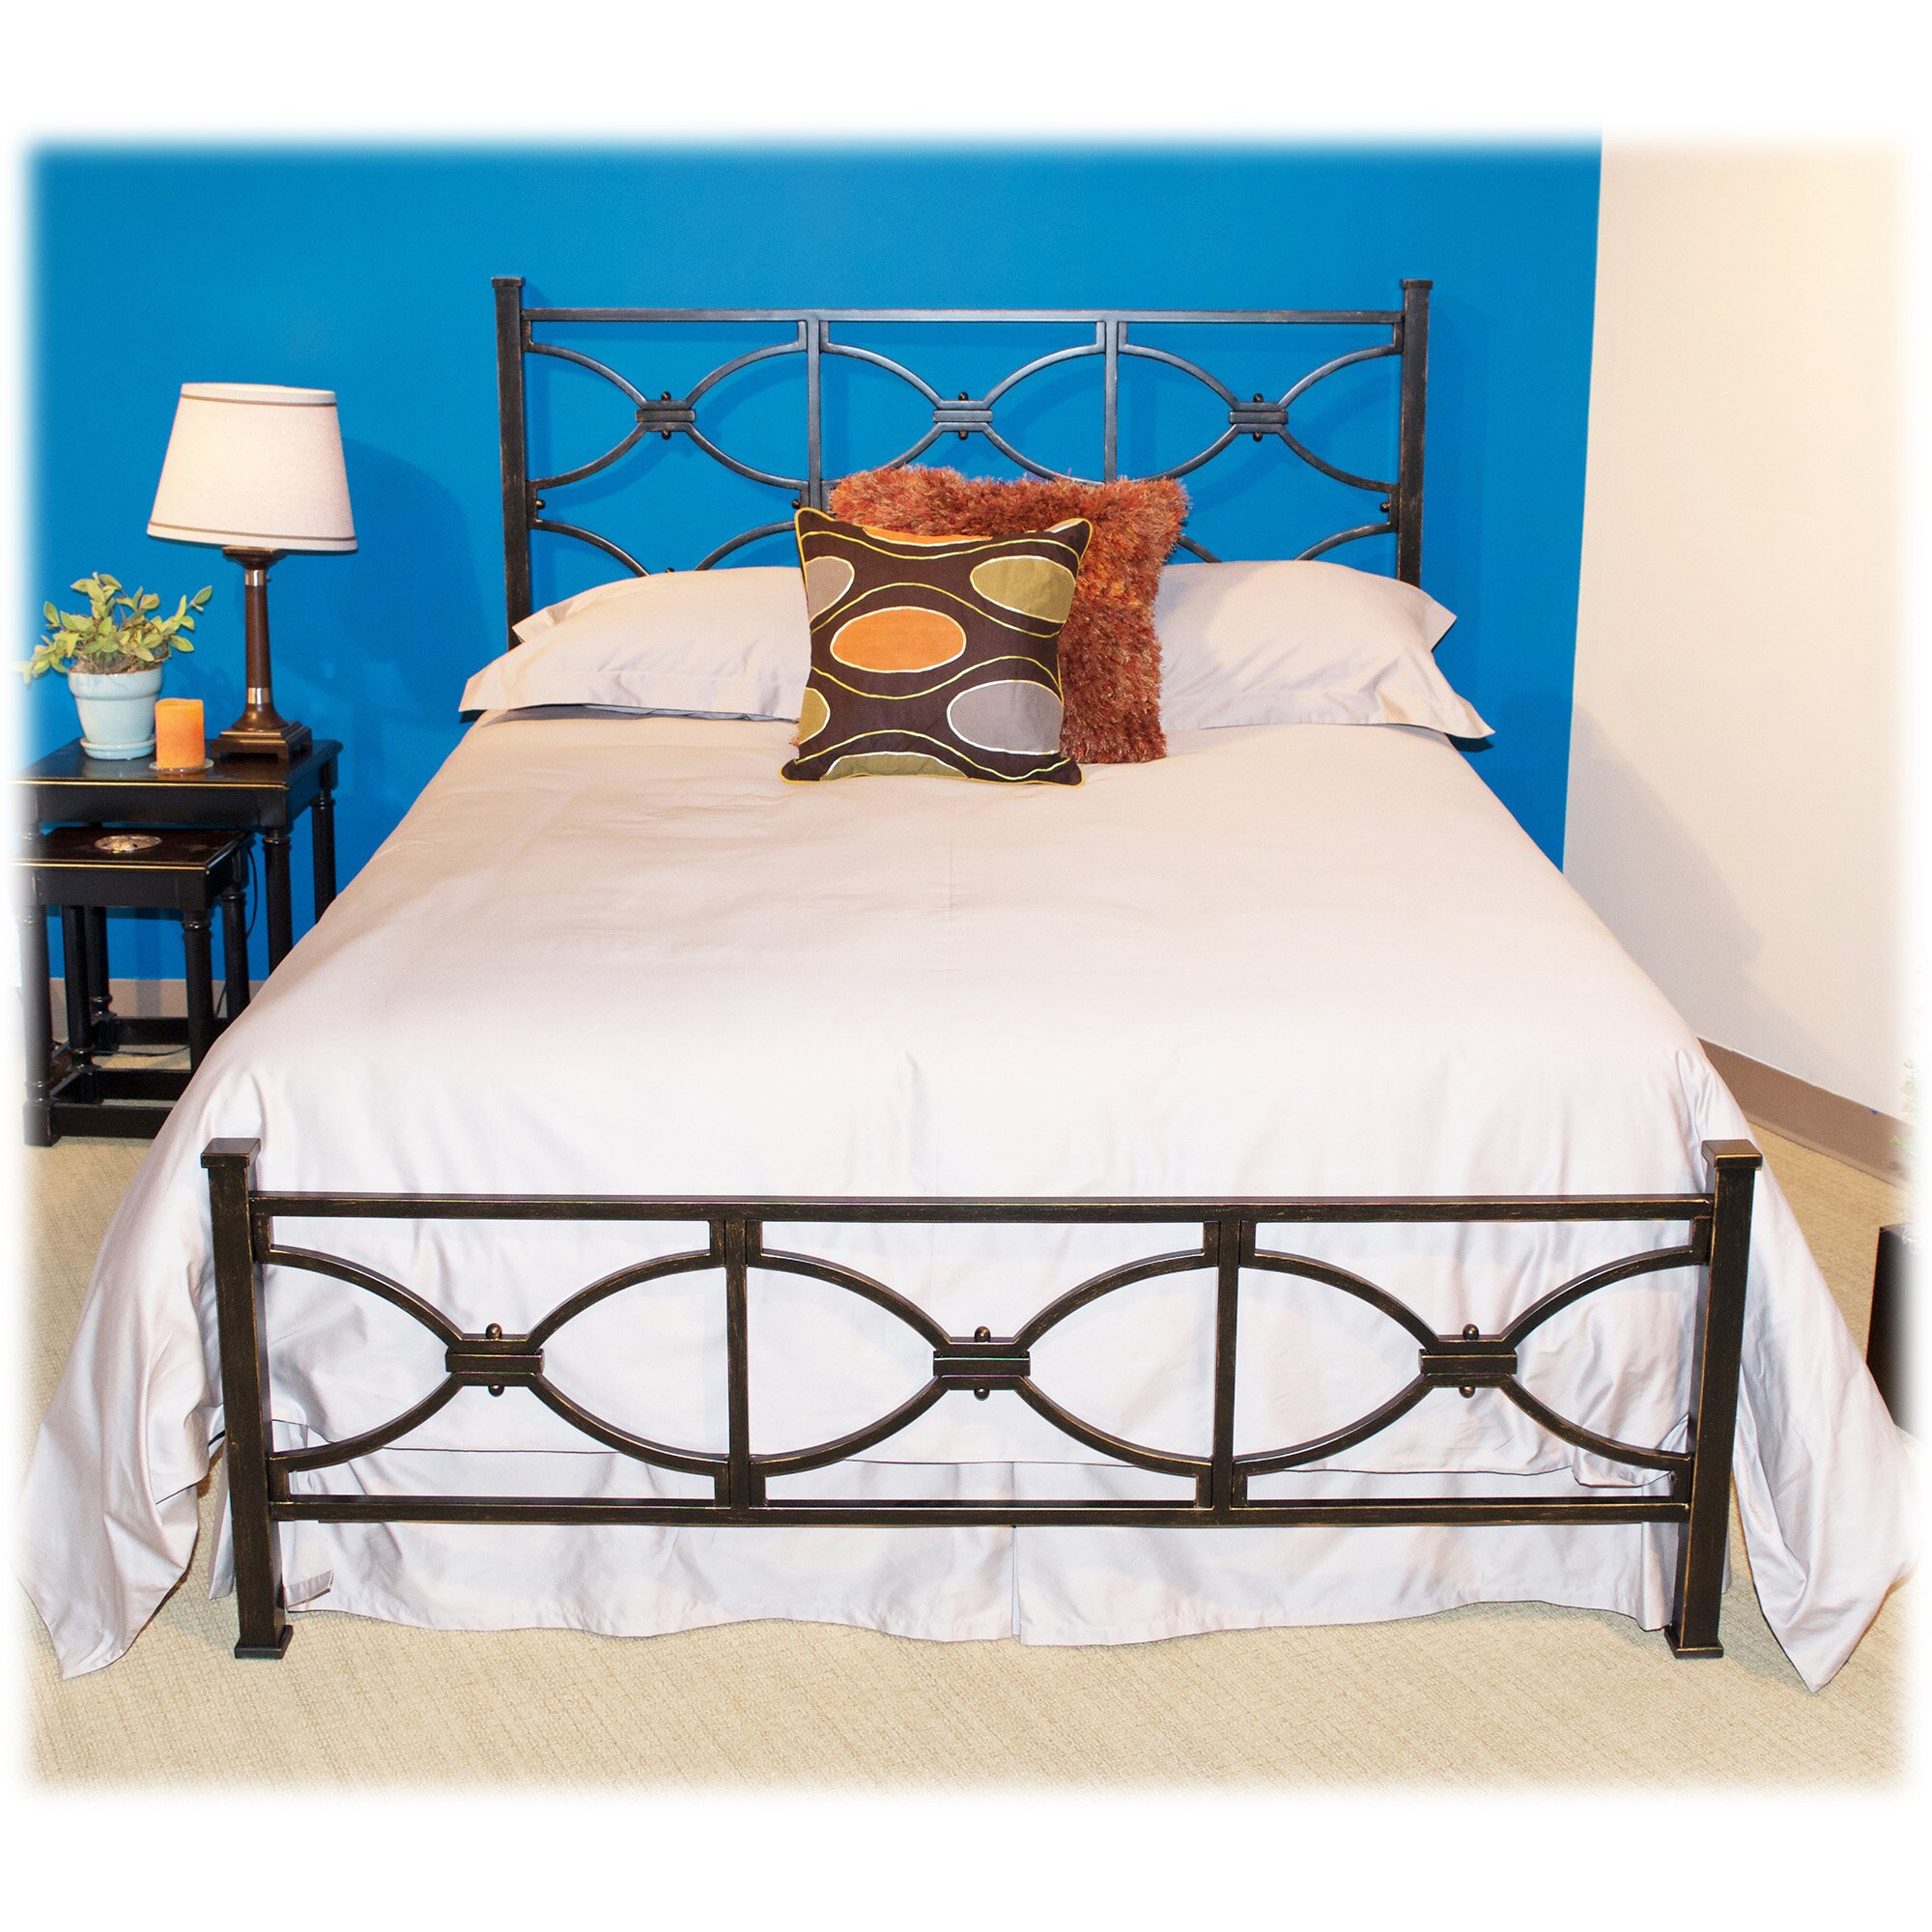 Terracotta tile kitchen tiles on marlo furniture living room sets